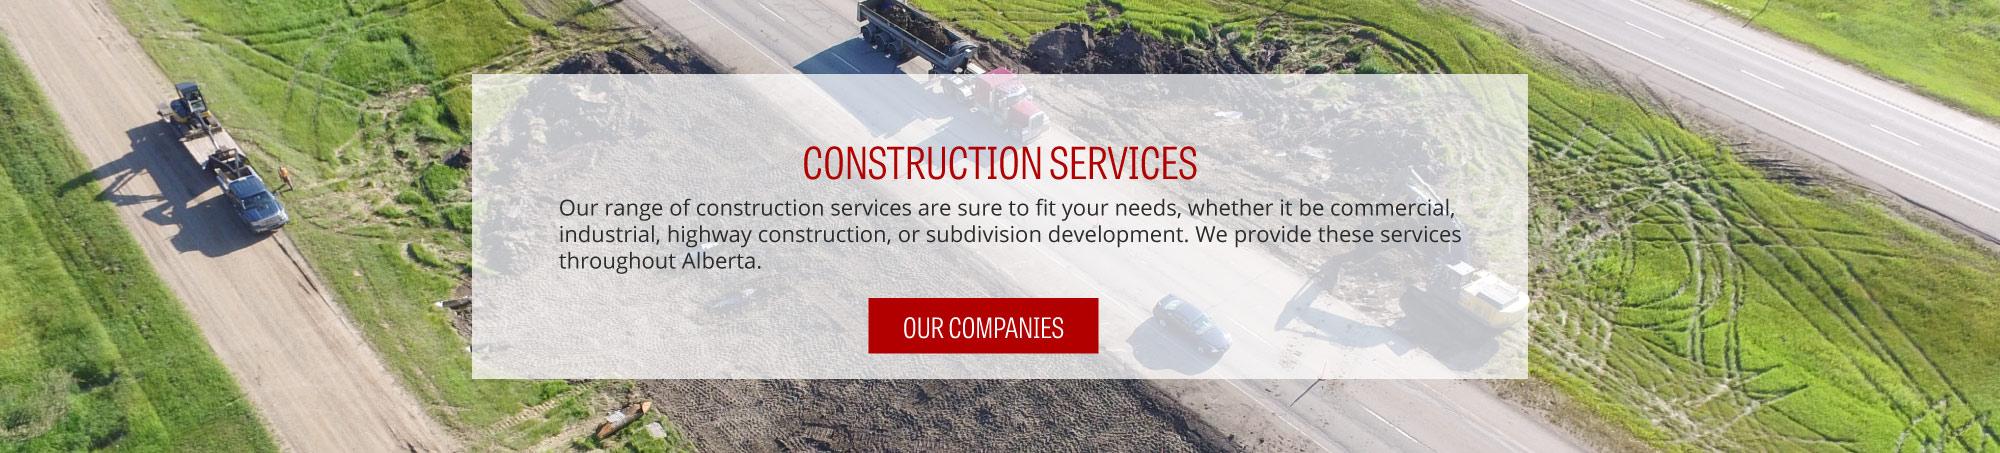 FTen La Crete, Alberta - Construction